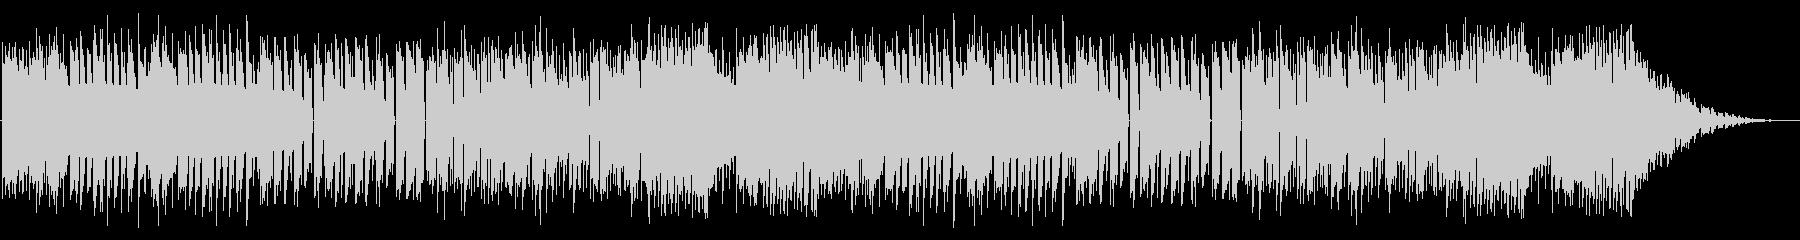 NES STG C03-1(ステージ2)の未再生の波形